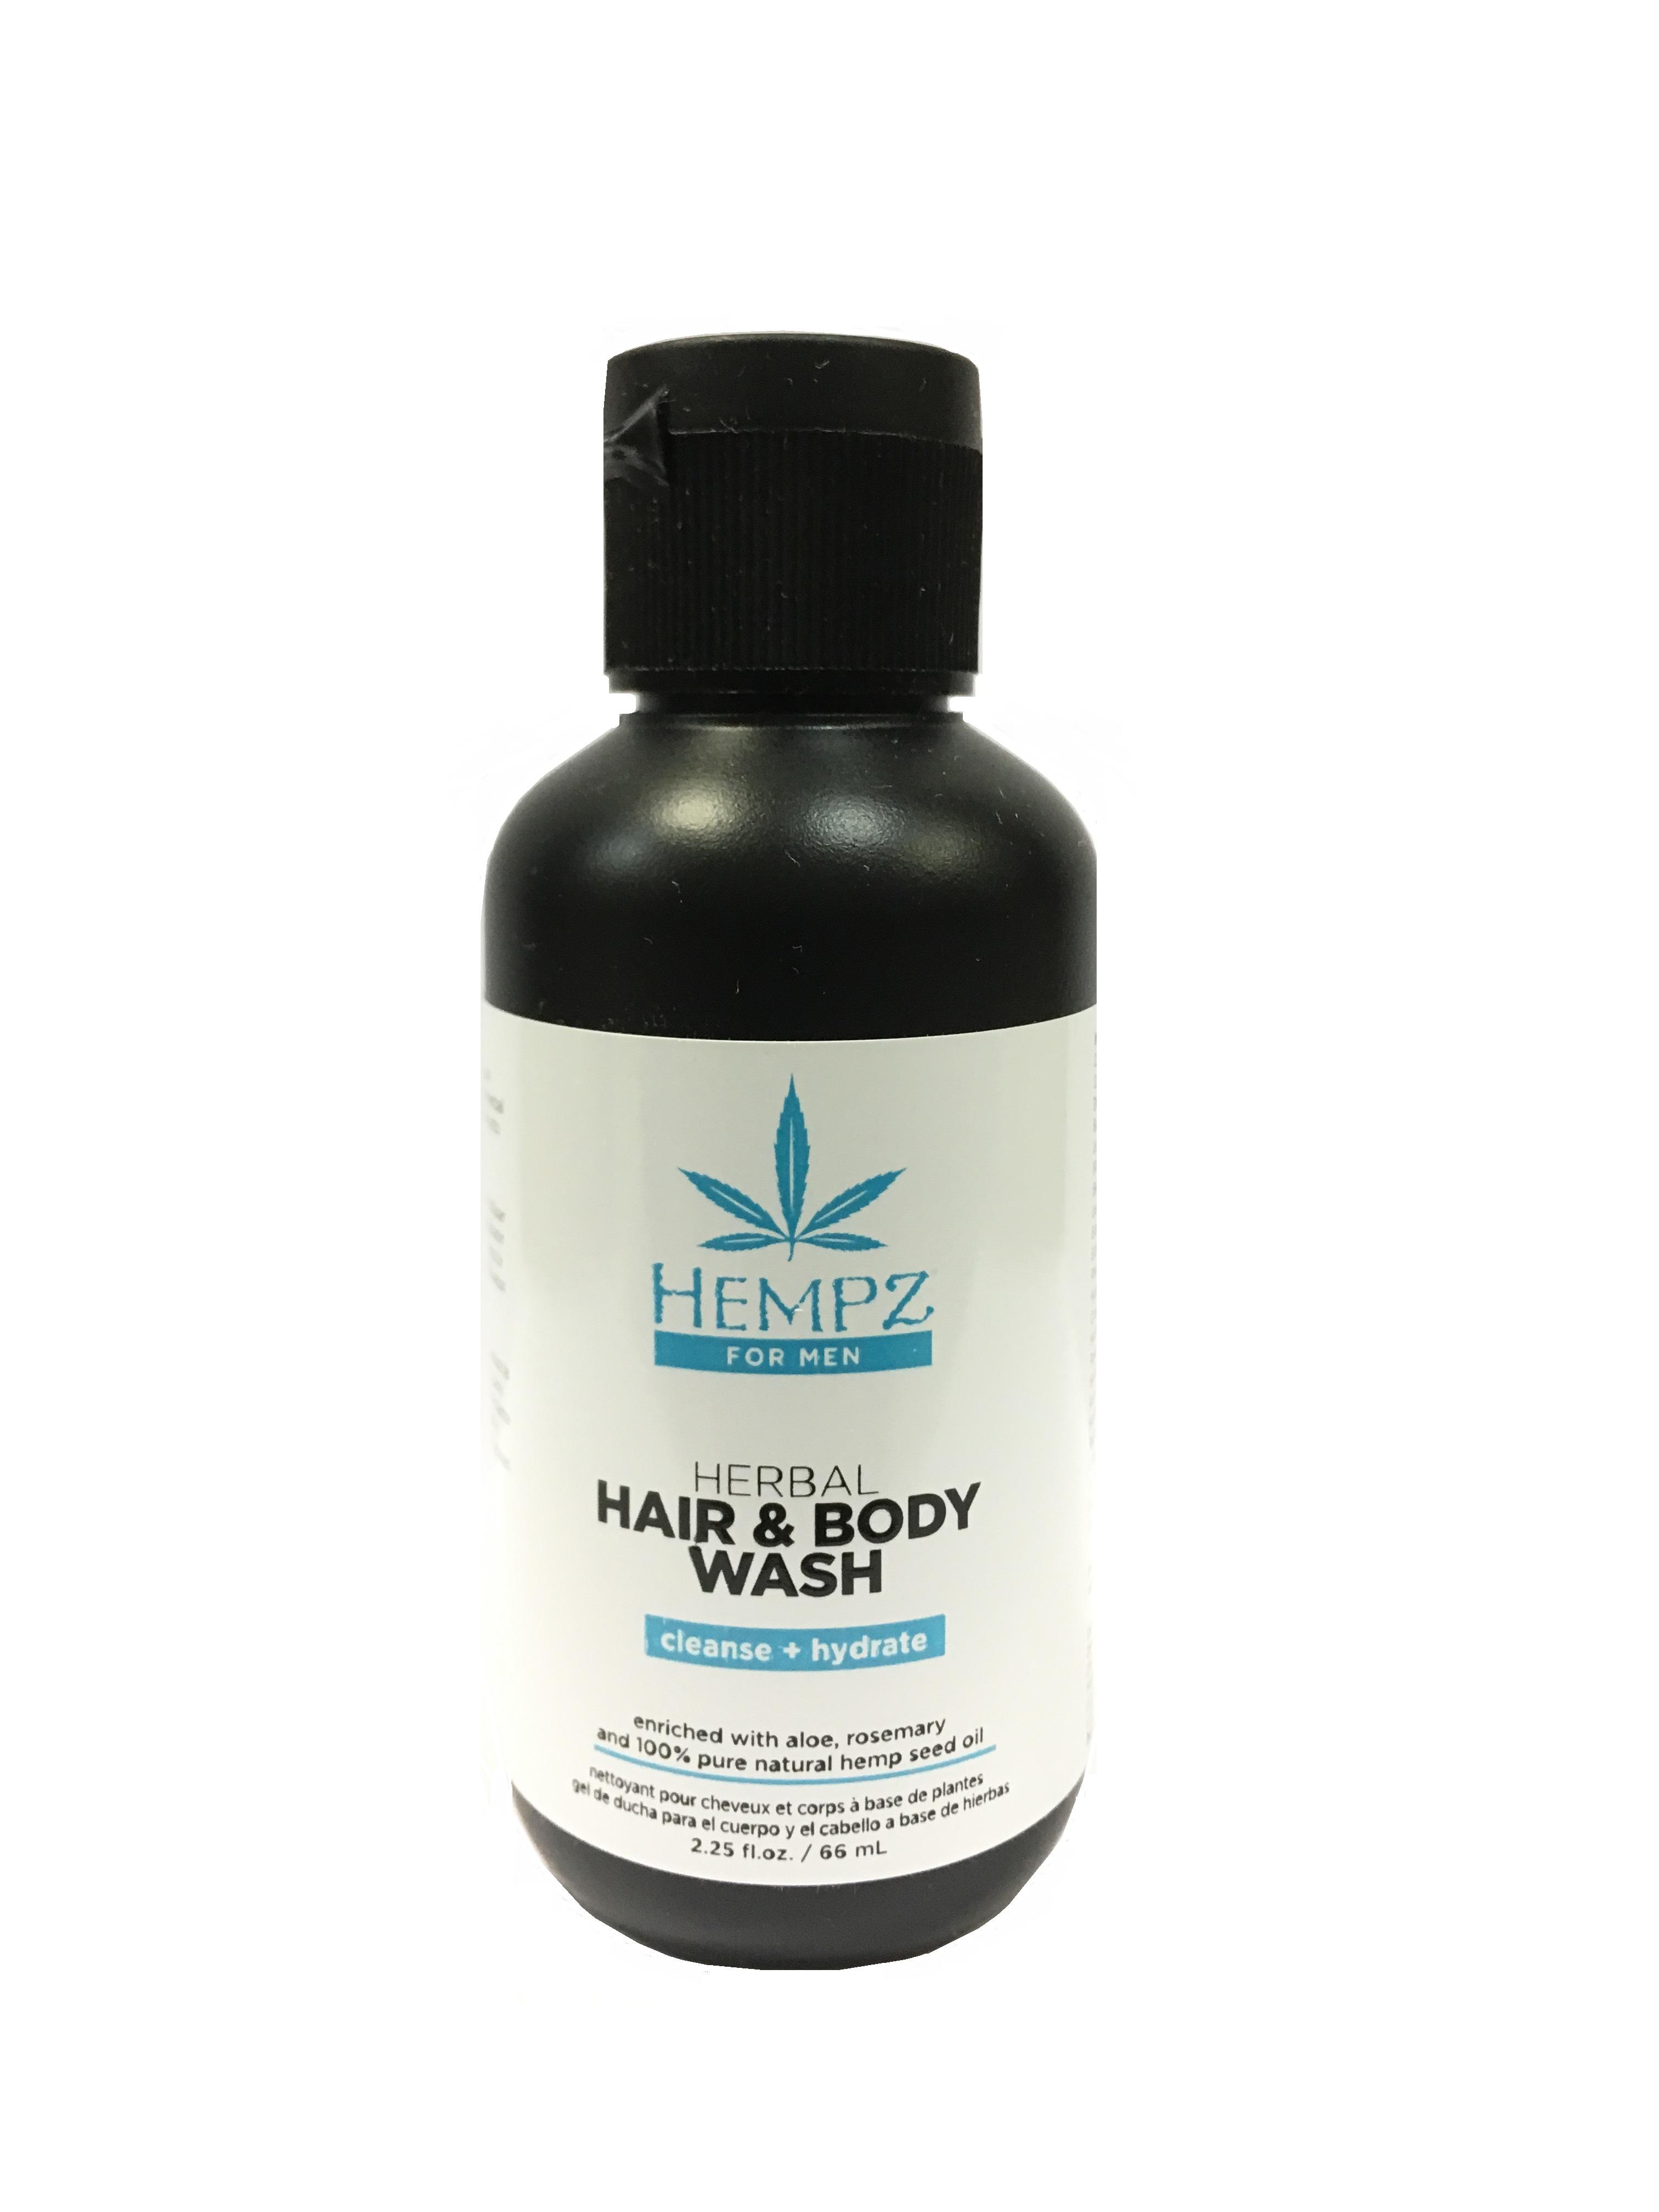 HEMPZ Шампунь мужской для волос и тела / For Men Hair and body wash 66 мл